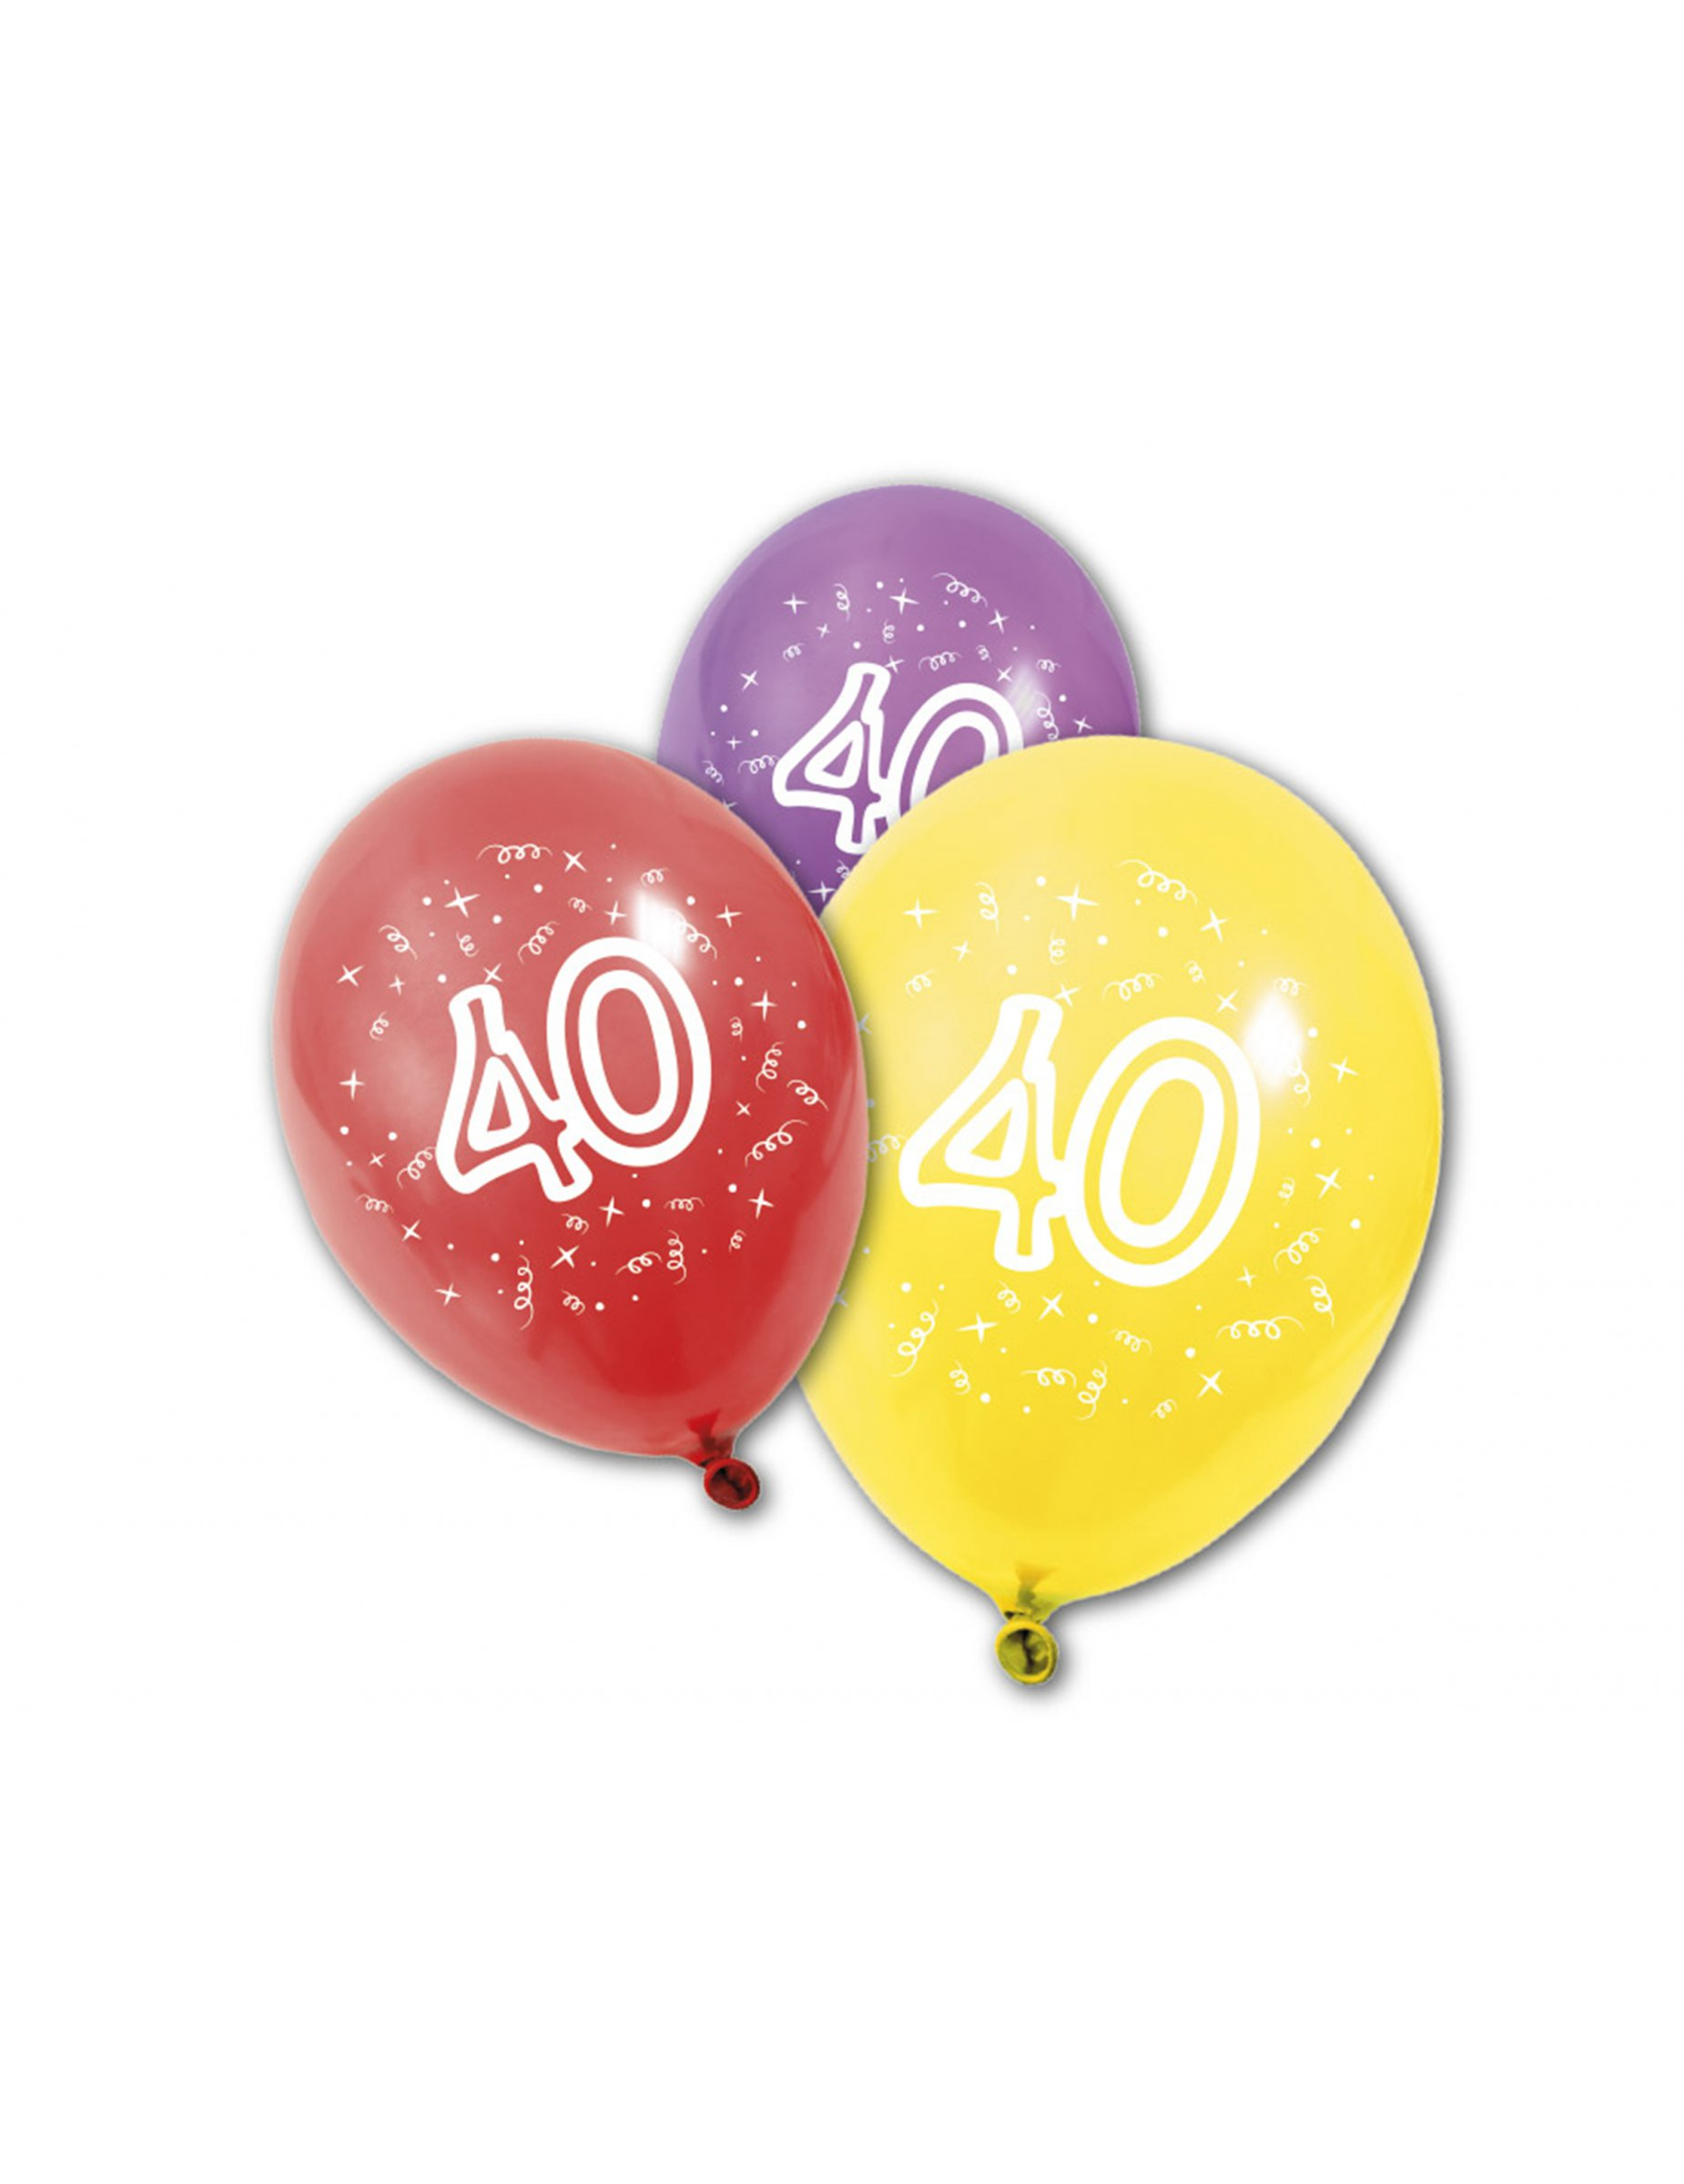 8 Luftballons 40 Jahre Partydekound Günstige Faschingskostüme